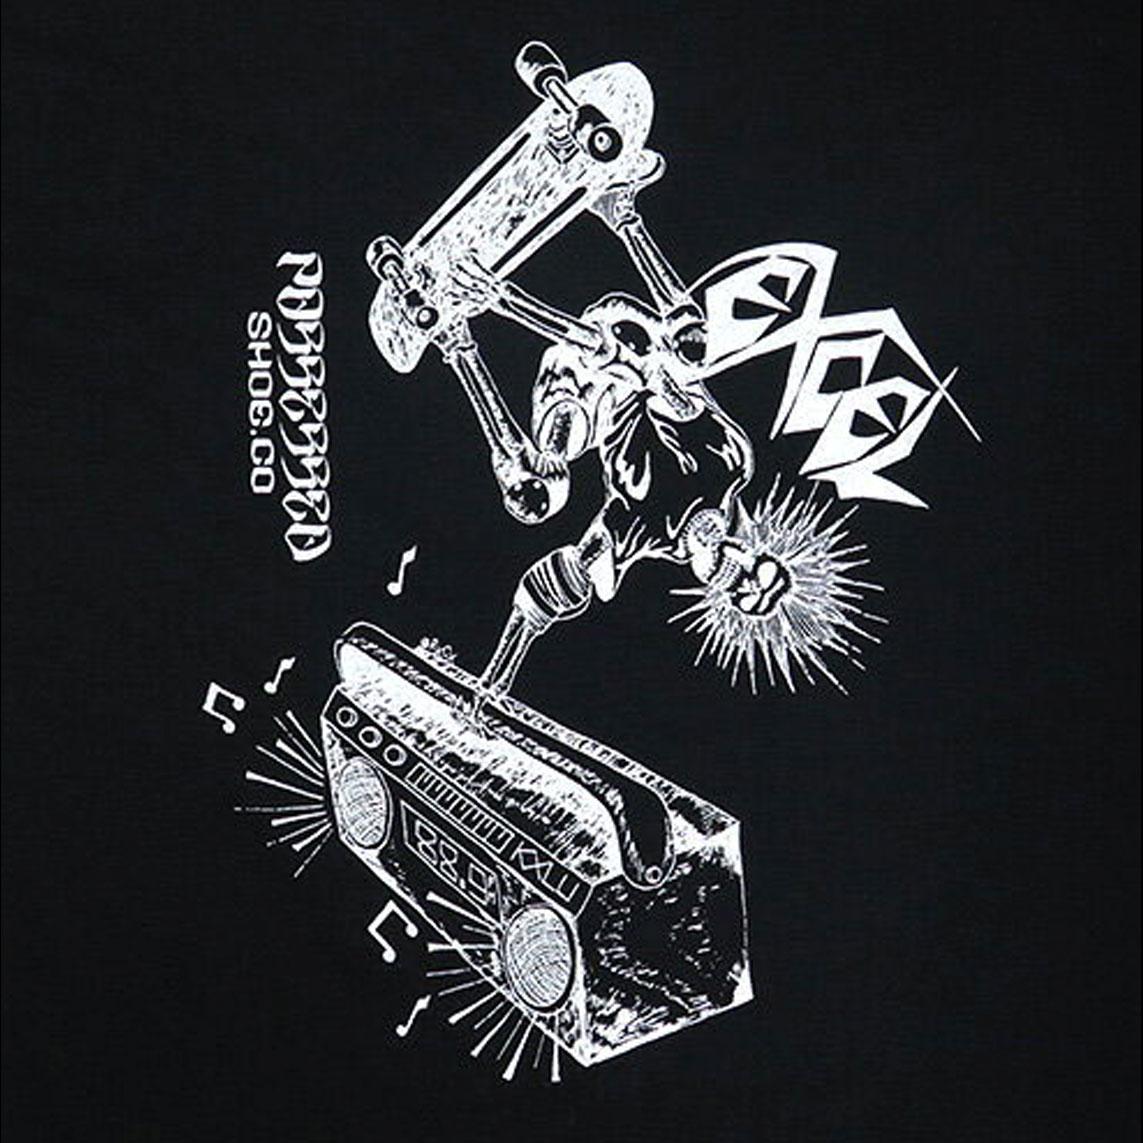 【国内・INFO】POSSESSED SHOES : EXCEL SKATES コラボレーション Tシャツがリリース。スラッシュメタル ファンは必見!